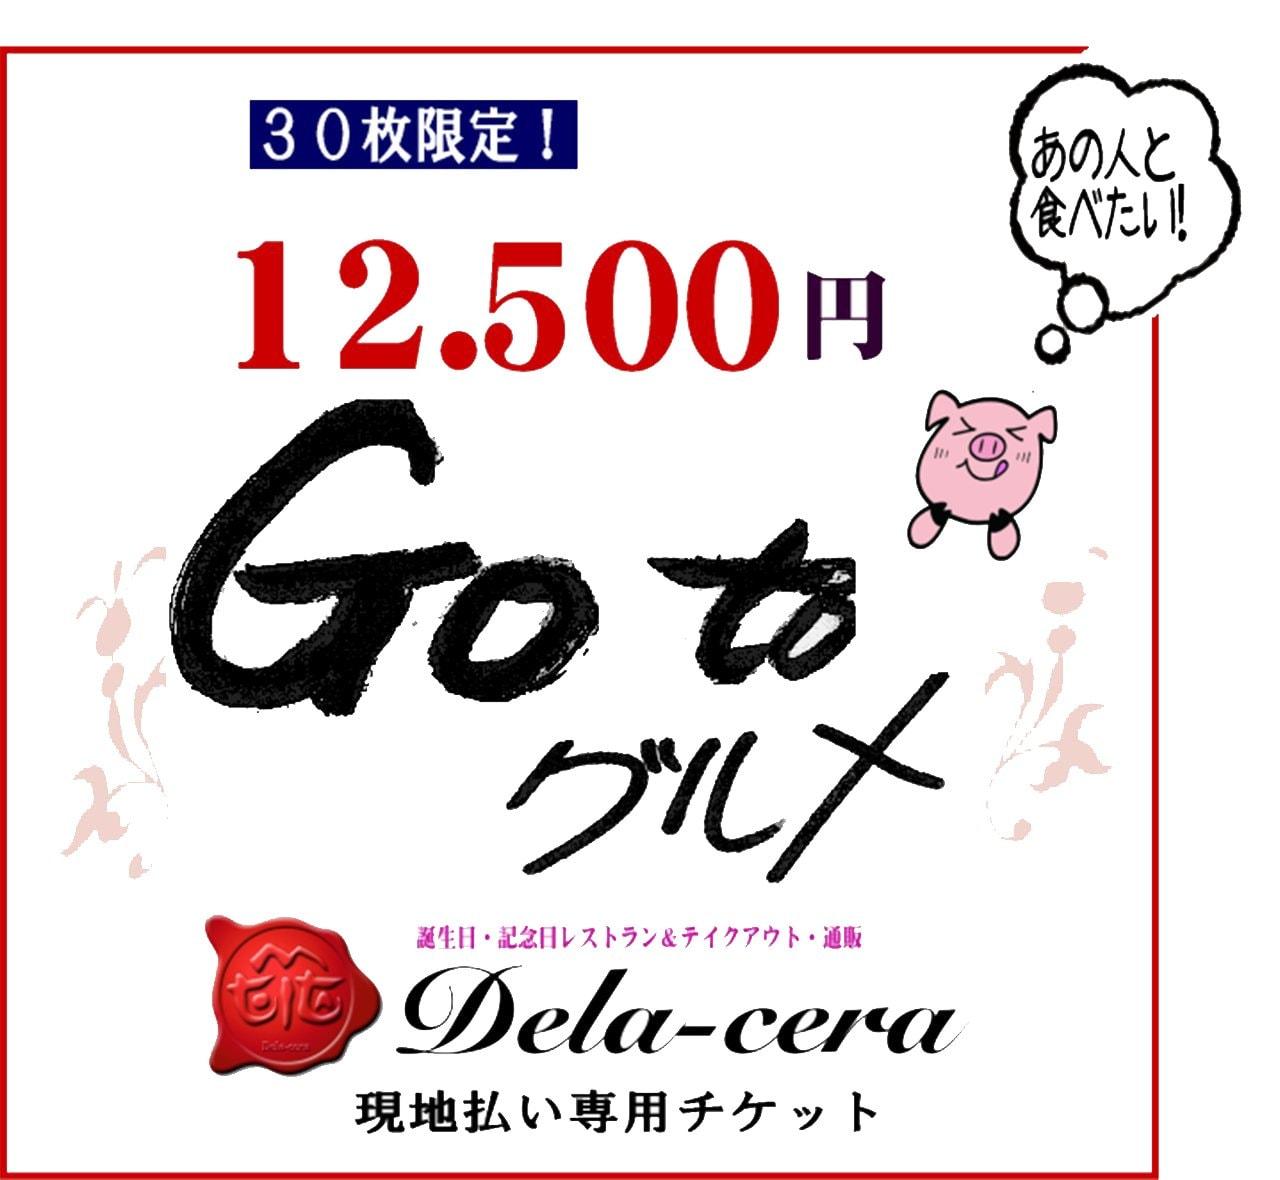 12,500円(税込)Go to グルメチケット【有効期限2021年3月末/店頭受け取り限定】のイメージその1